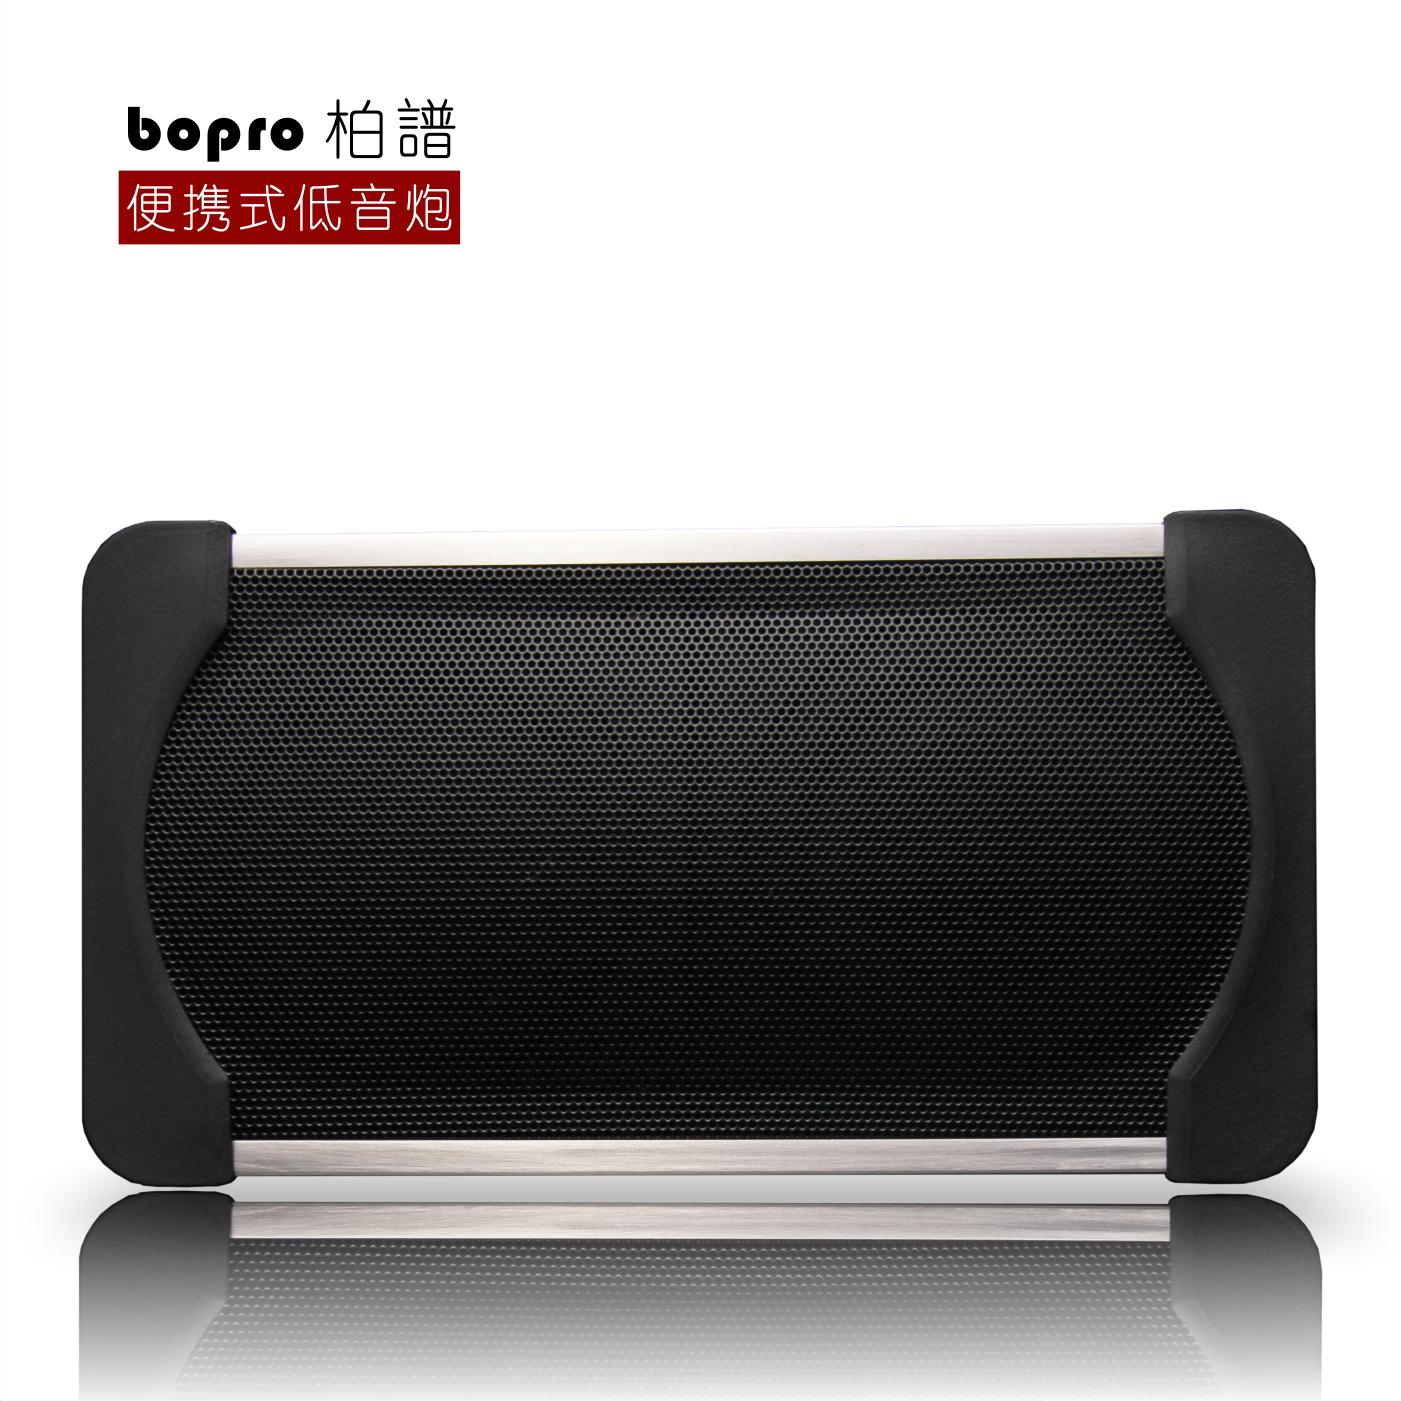 bopro-柏谱 脉动之音3寸金属重低音炮 搭配便携式音箱随身音响